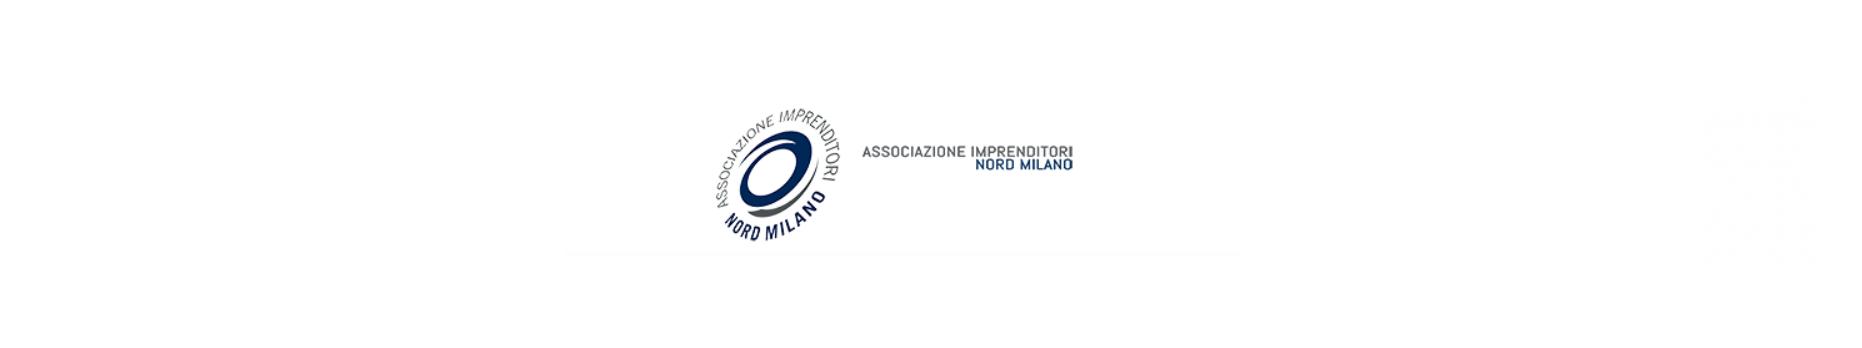 Associazione imprenditori nord Milano logo